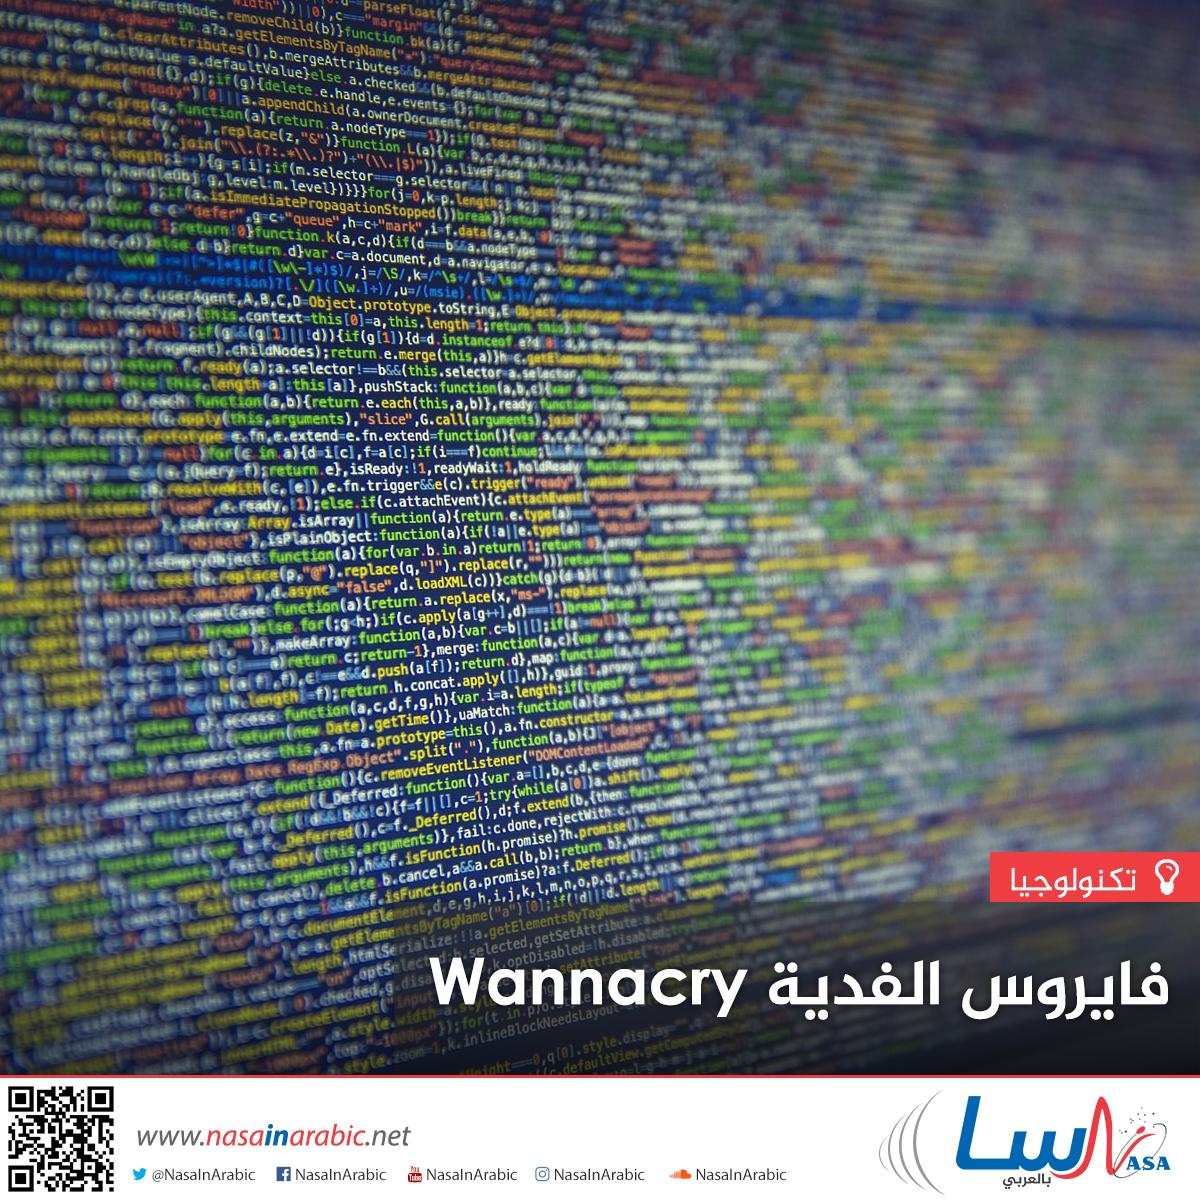 فايروس الفدية Wannacry